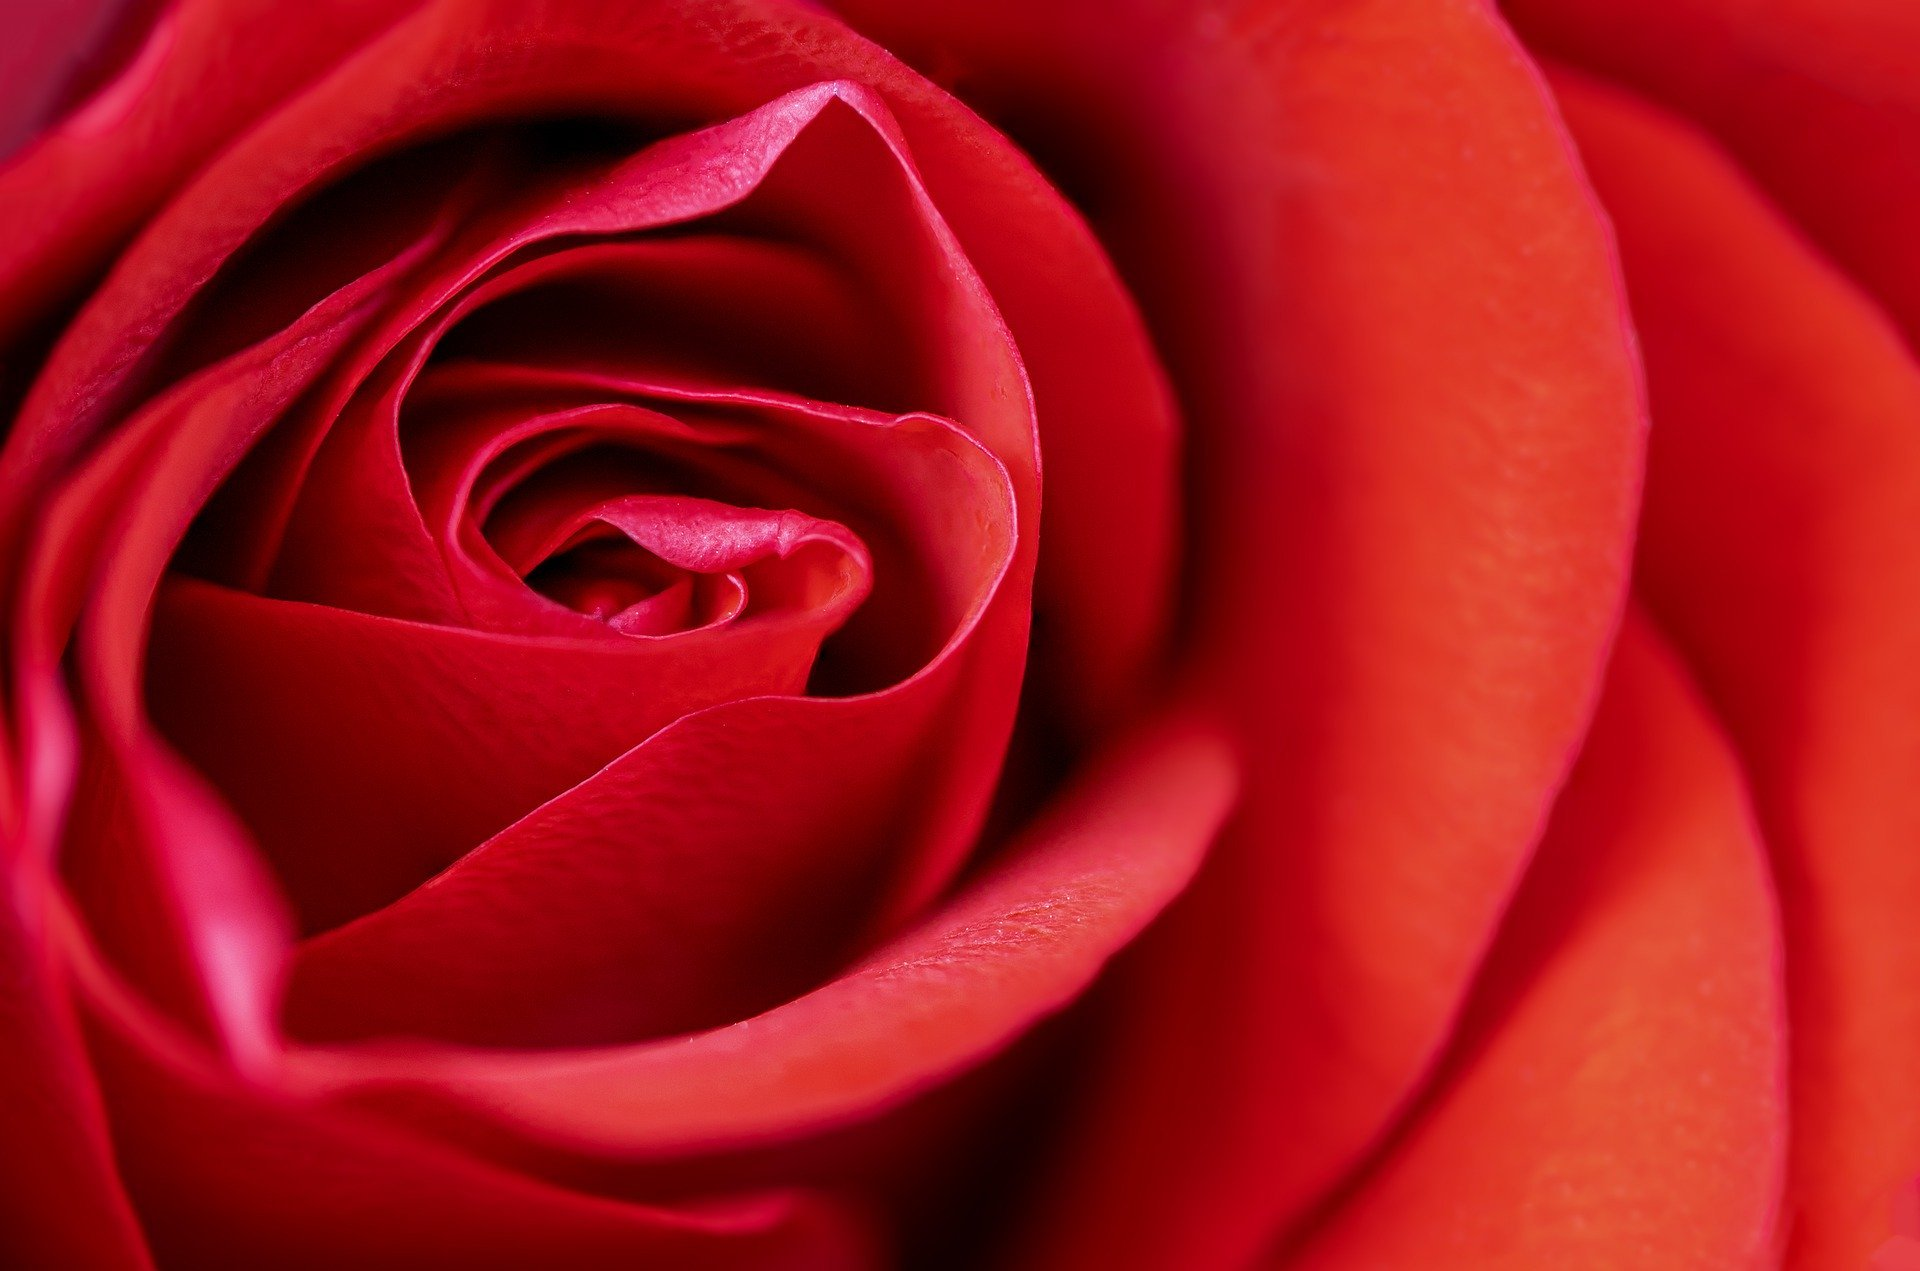 La rosa.